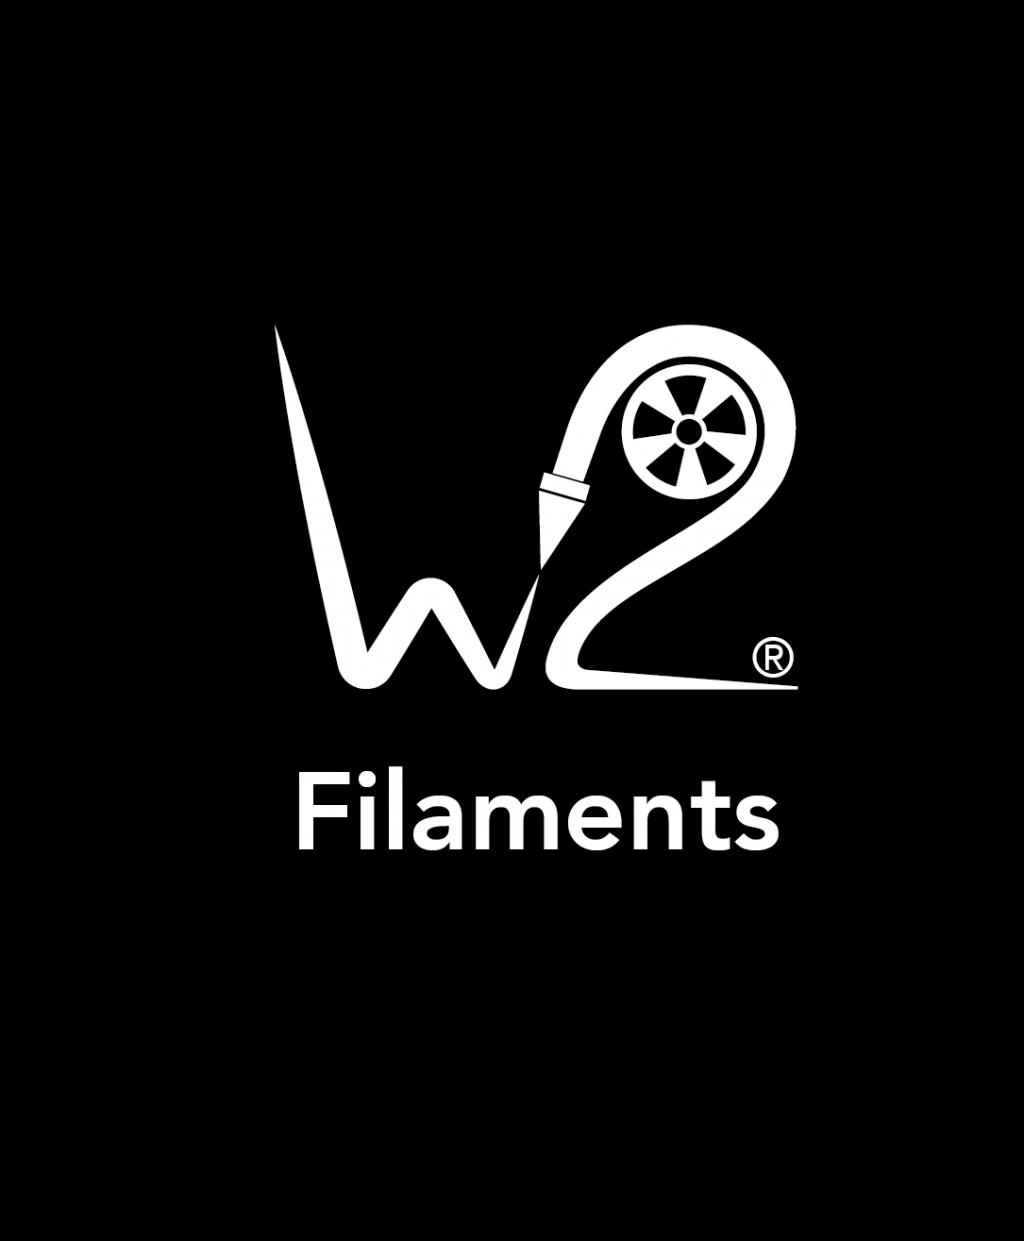 LOGO_W2_Filaments_.png